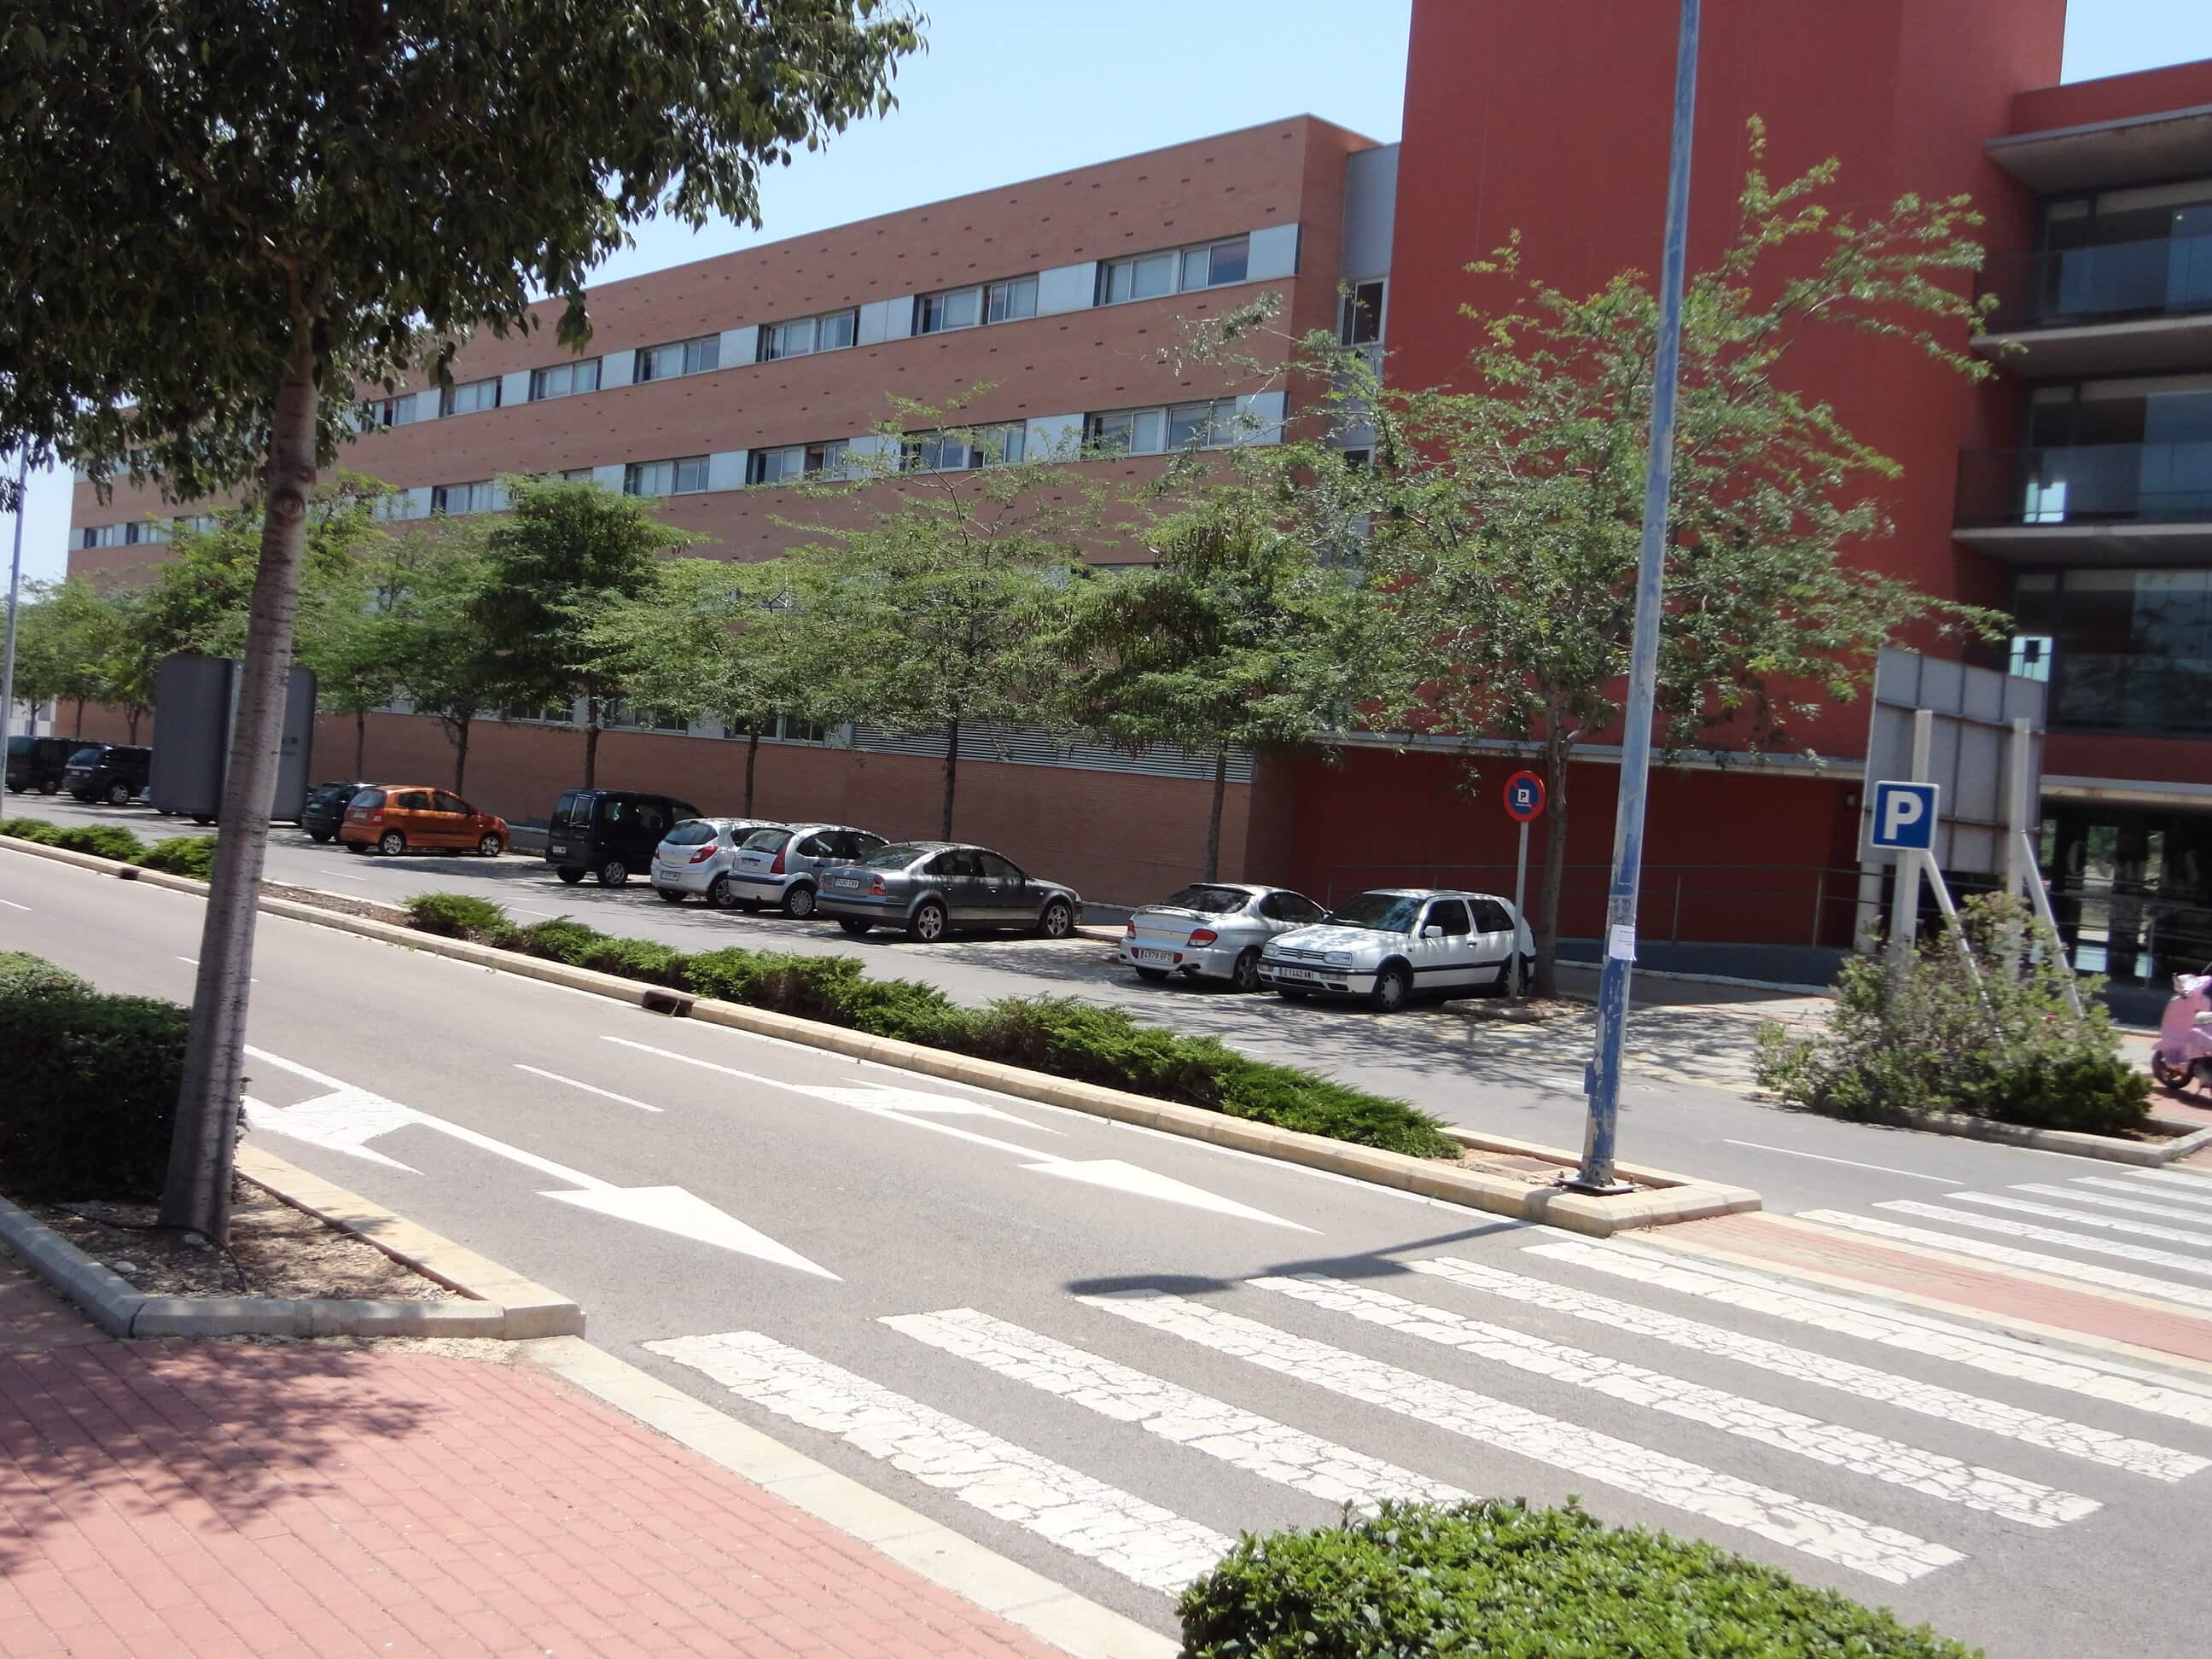 Ducha Mixta Gimnasio:Oferta de alojamiento RESIDENCIA DE ESTUDIANTES MIXTA